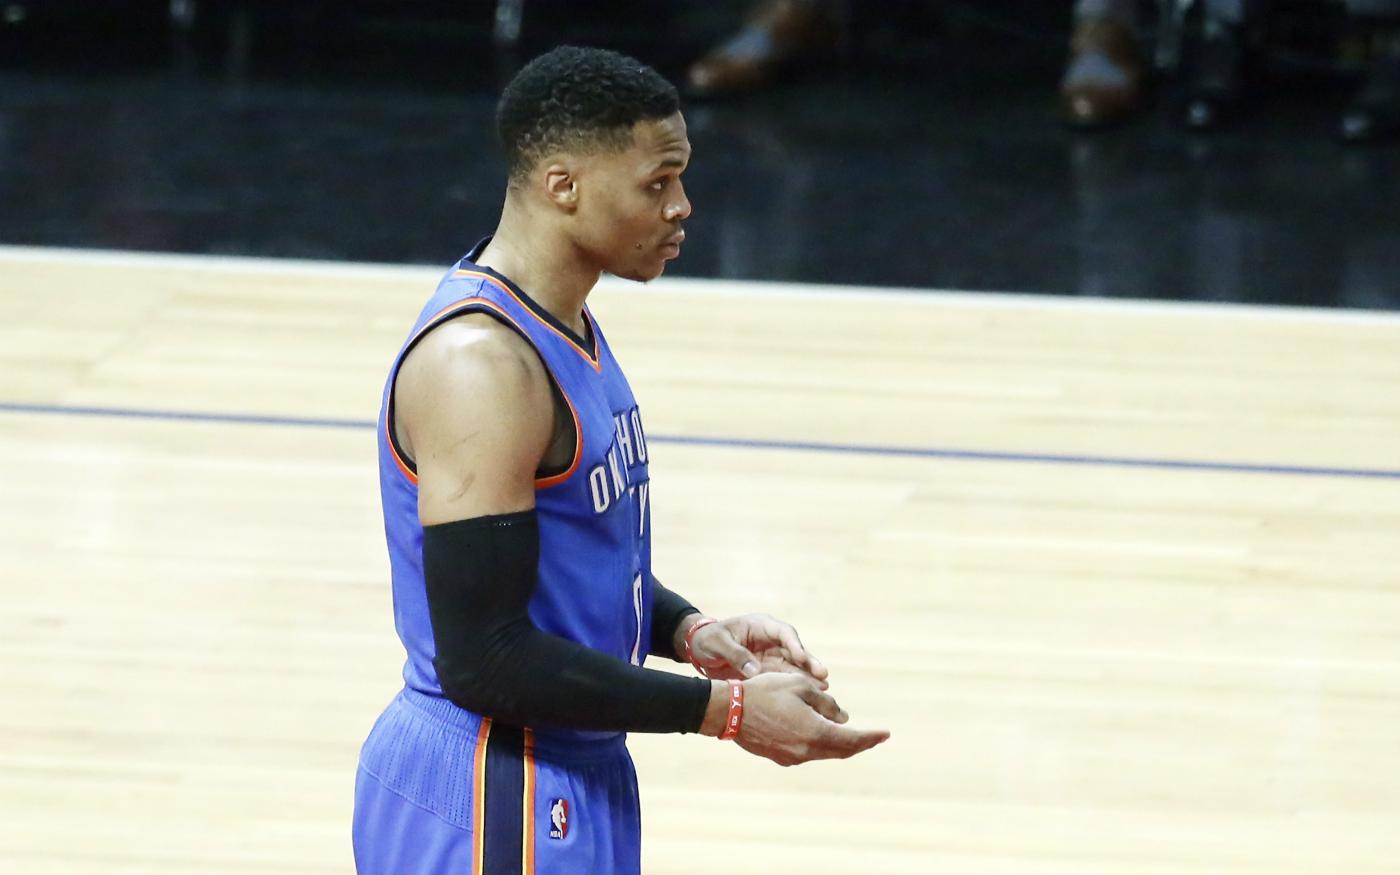 Le Thunder espère resigner Russell Westbrook cet été